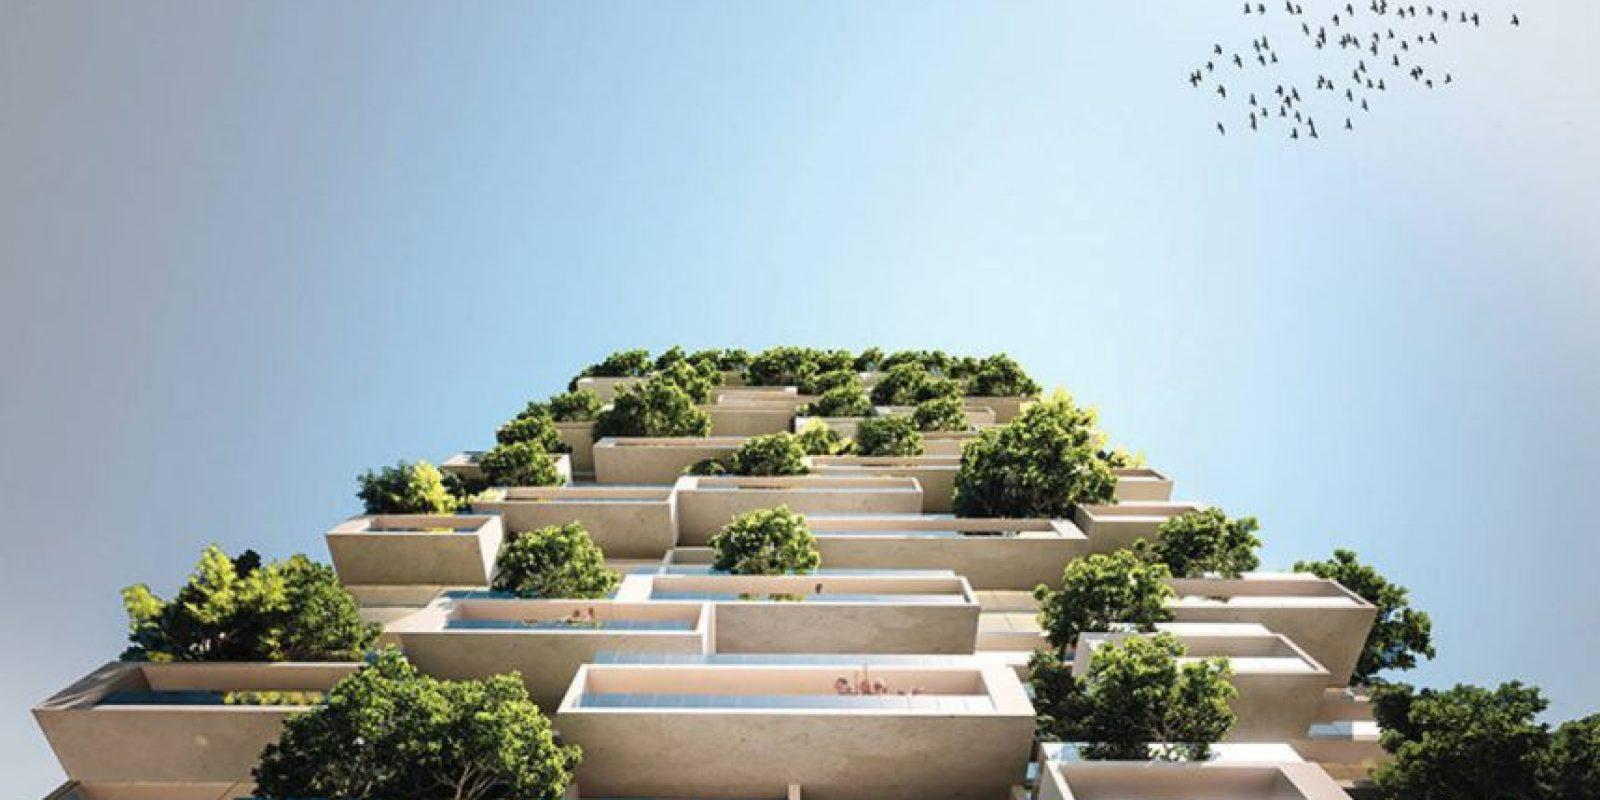 El arquitecto Stefano Boeri estará acargo del proyecto. Foto:Vía lescedres.chavannes.ch